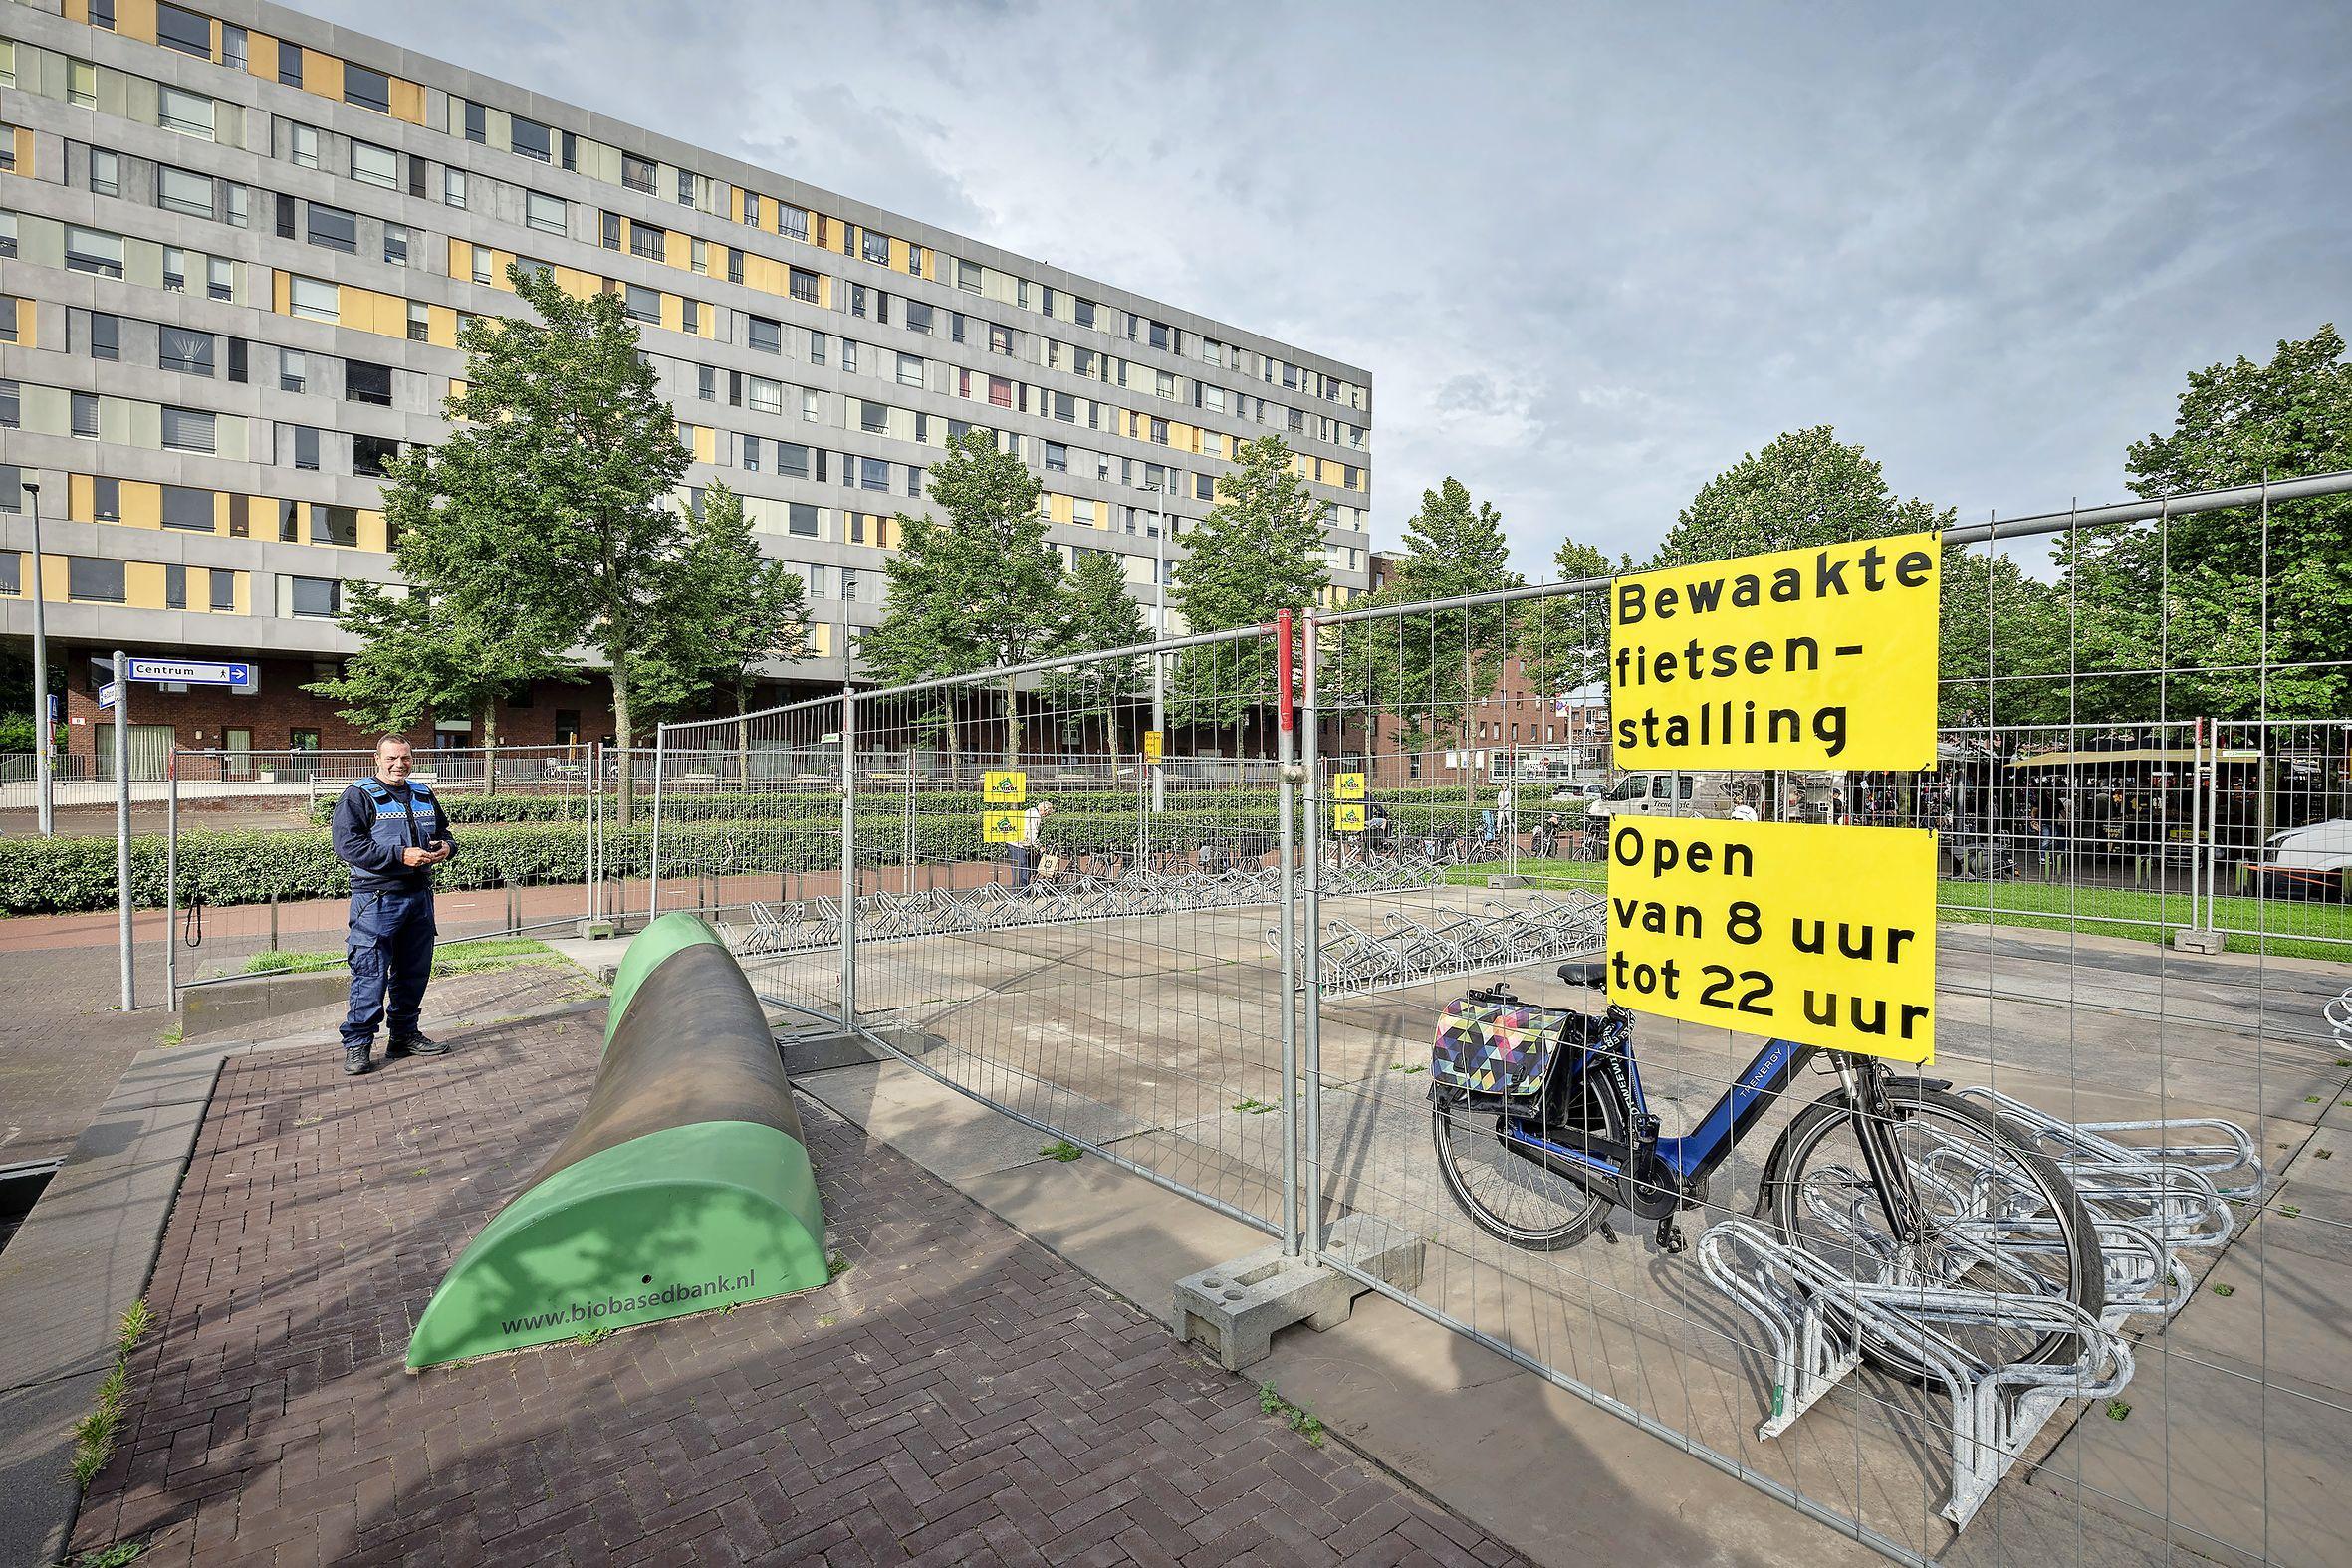 'Is het gratis?' Bewaakte fietsenstalling op Hoofddorps Van Stamplein zeer in trek